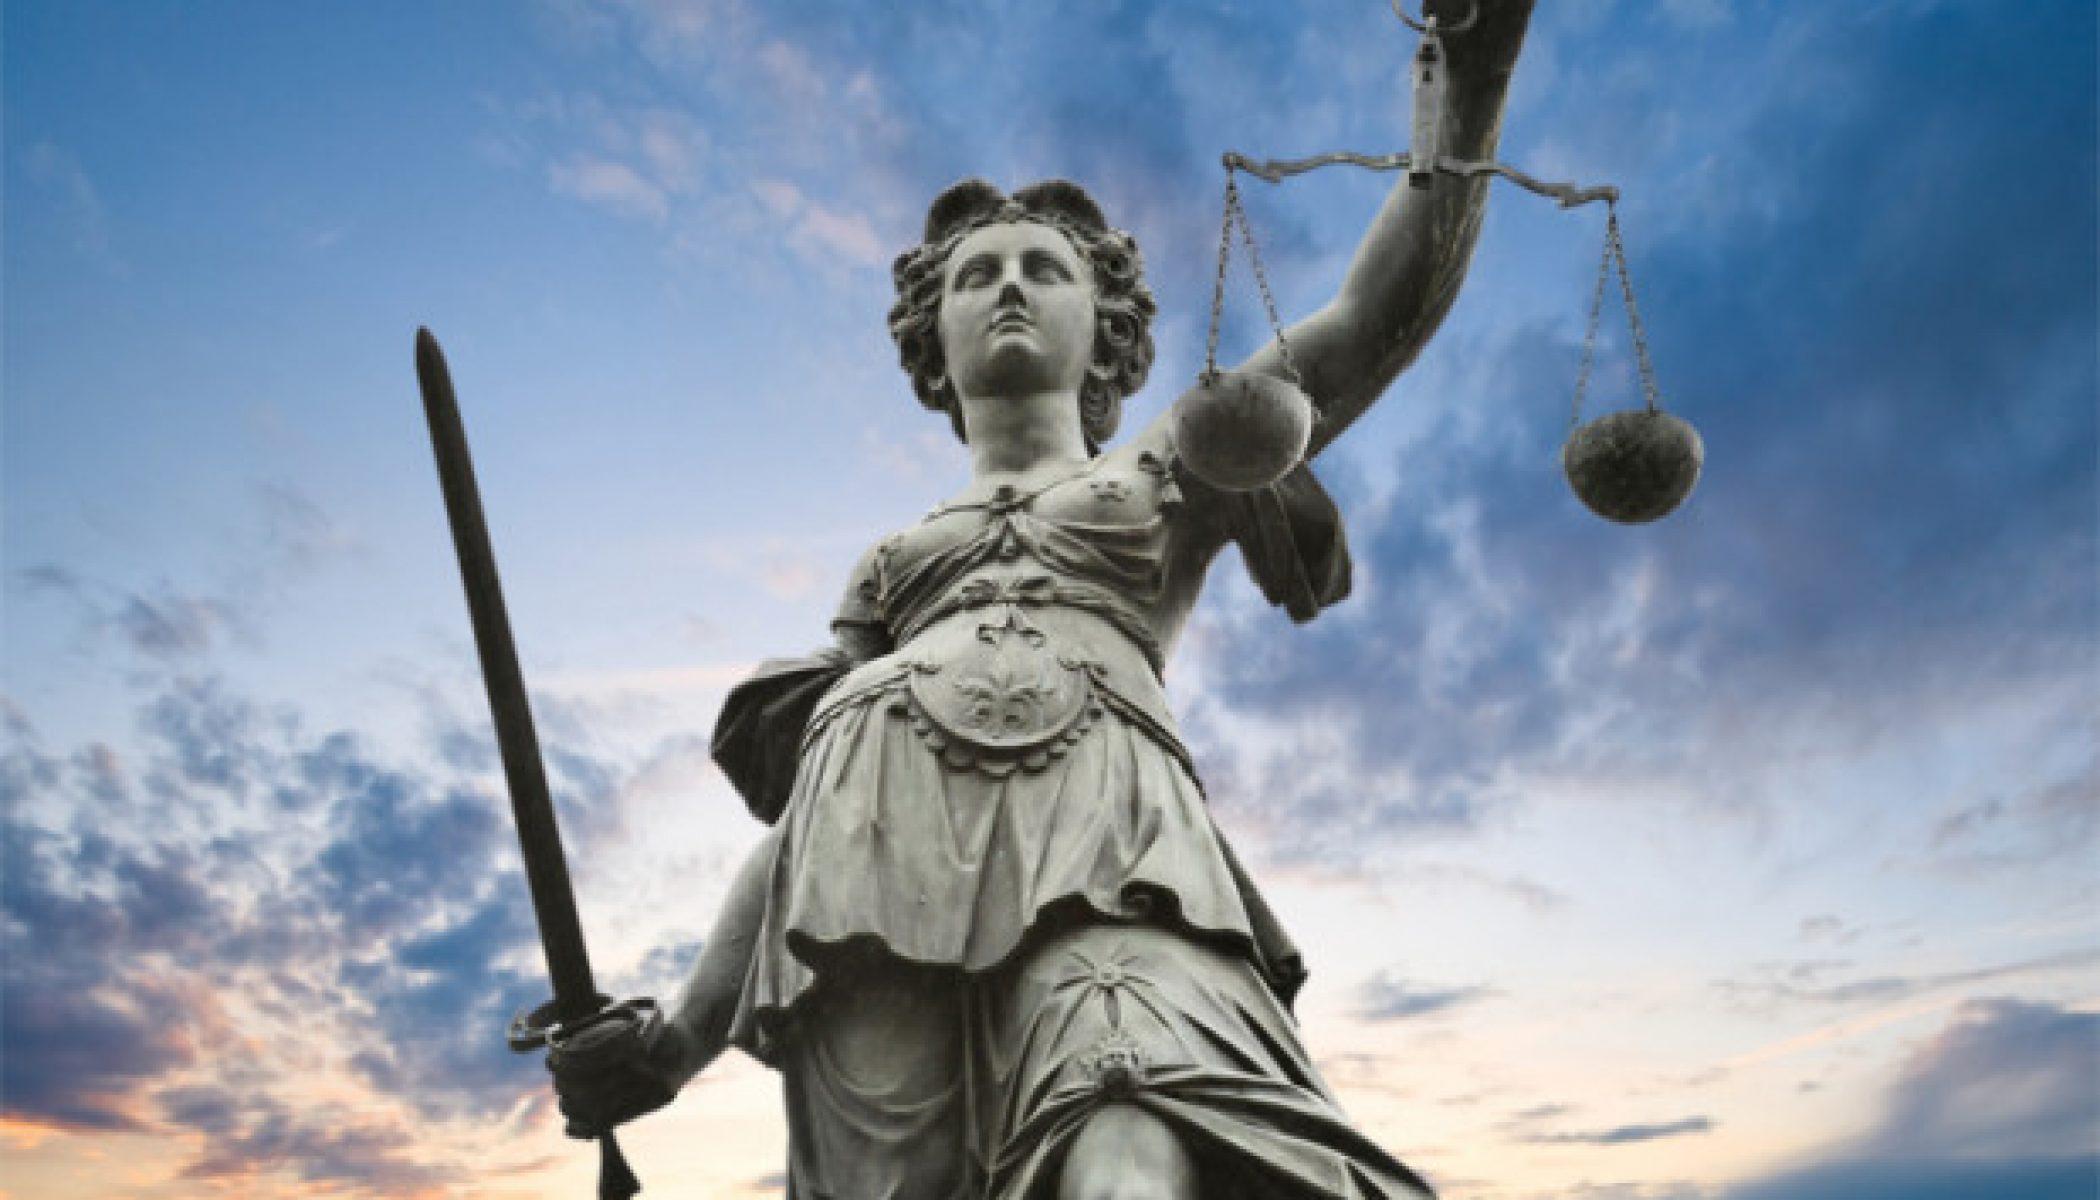 Accusato di aver maltrattato la ex moglie e di averla costretta ad un rapporto sessuale, assolto